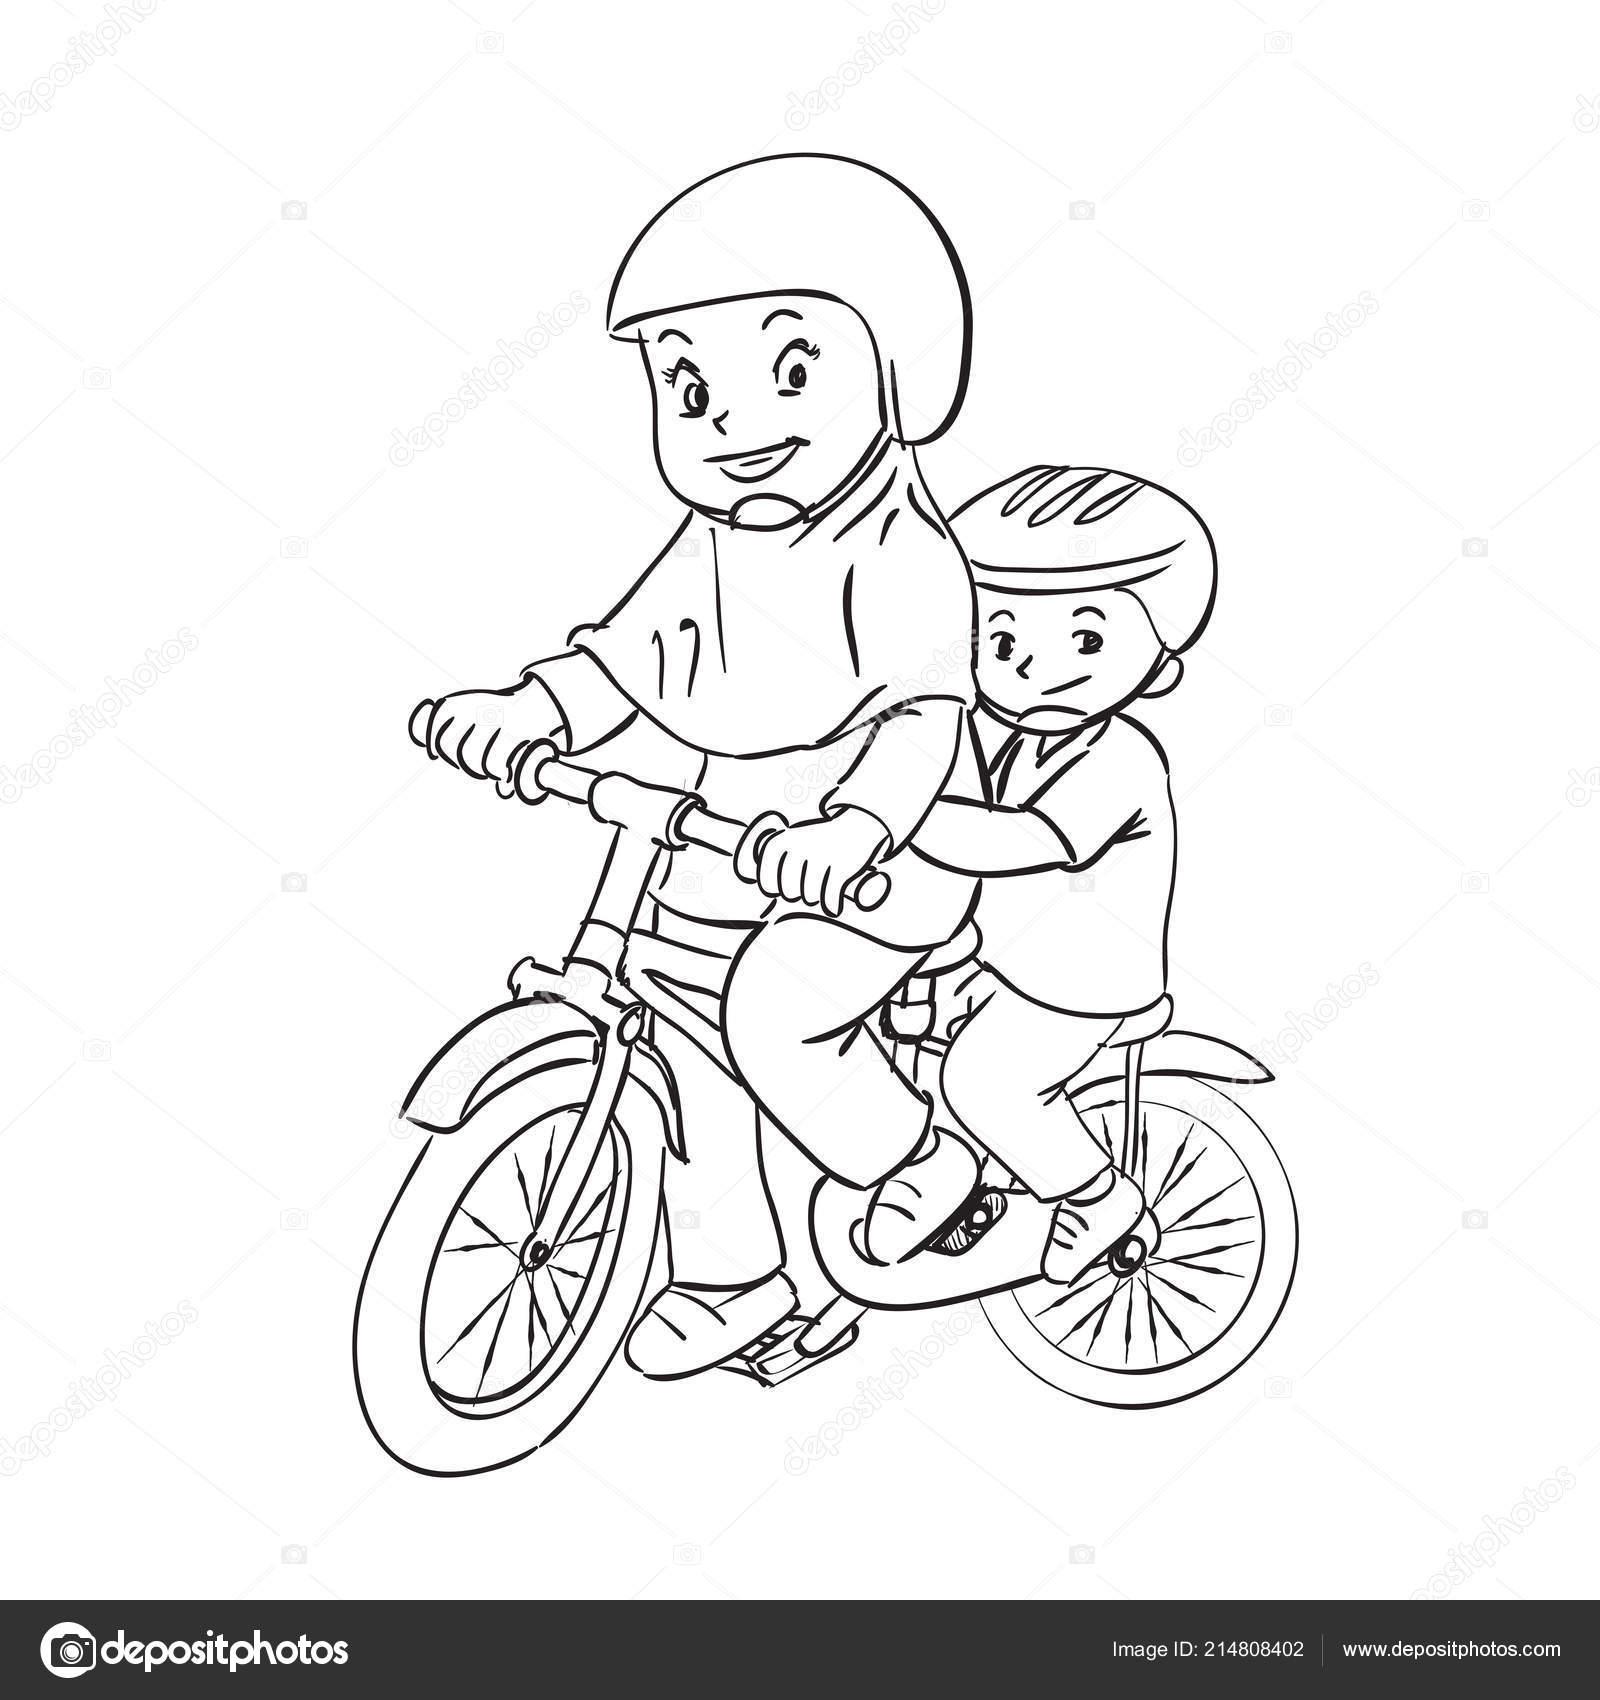 çocuk çizgi Film Illüstrasyon Bisikleti Kız Erkek Binmek Bisiklet